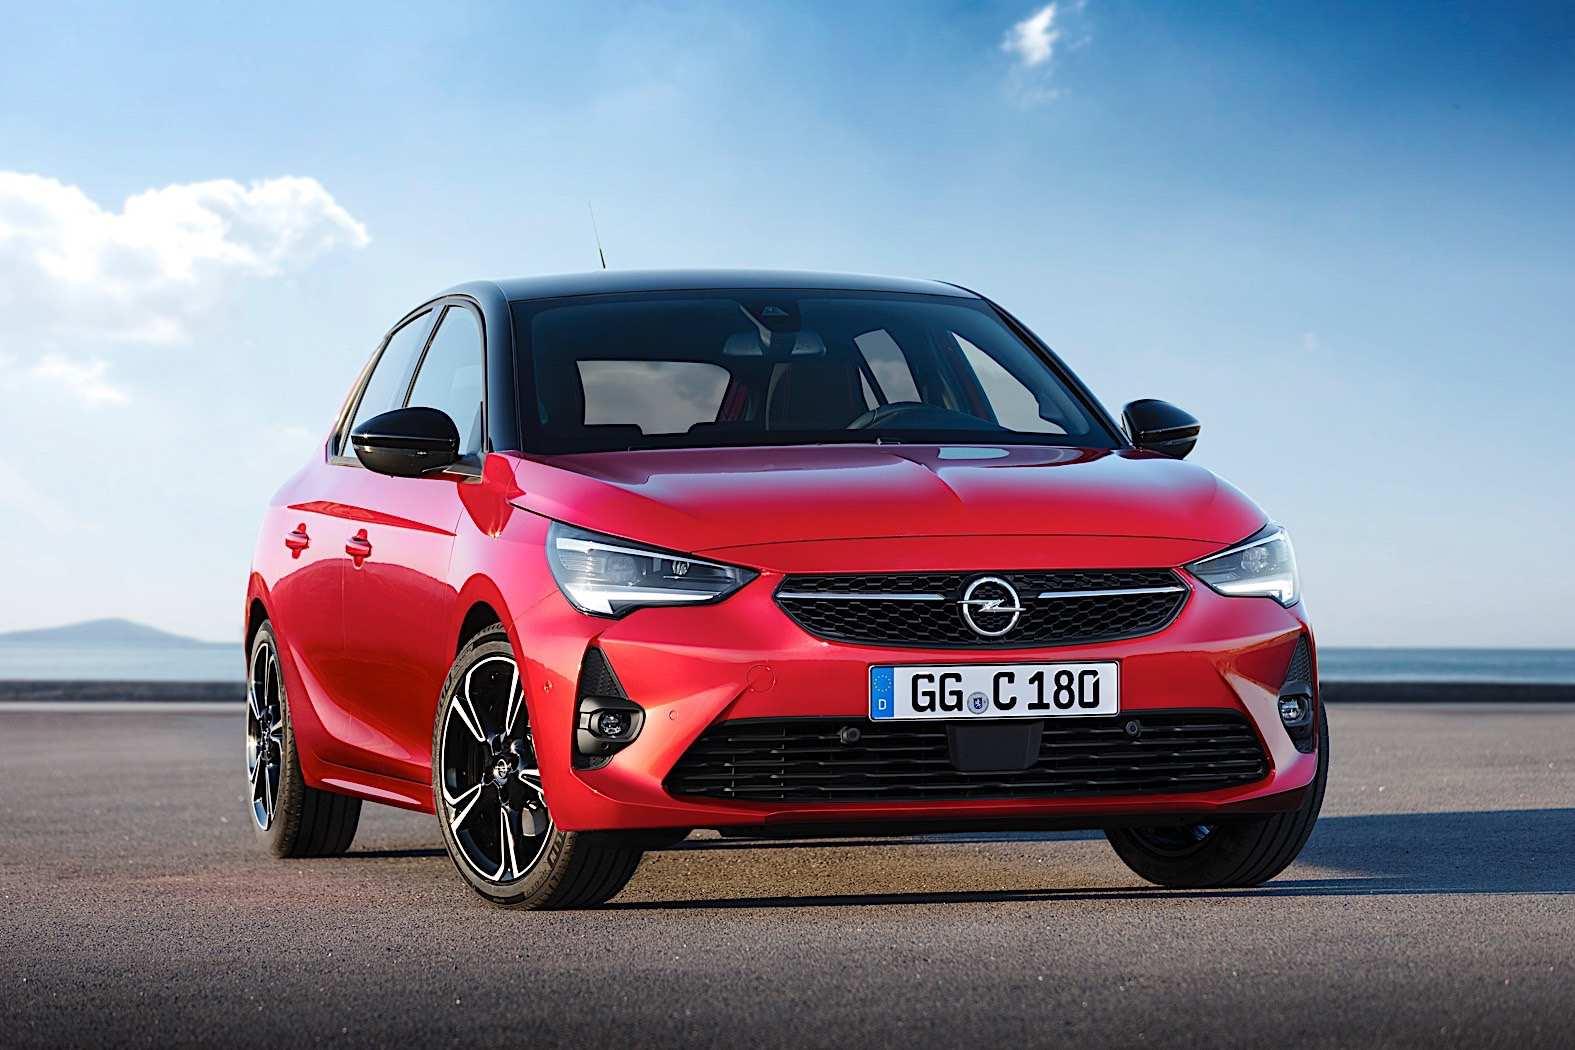 28 Great Opel Will Launch Corsa Ev In 2020 Model by Opel Will Launch Corsa Ev In 2020